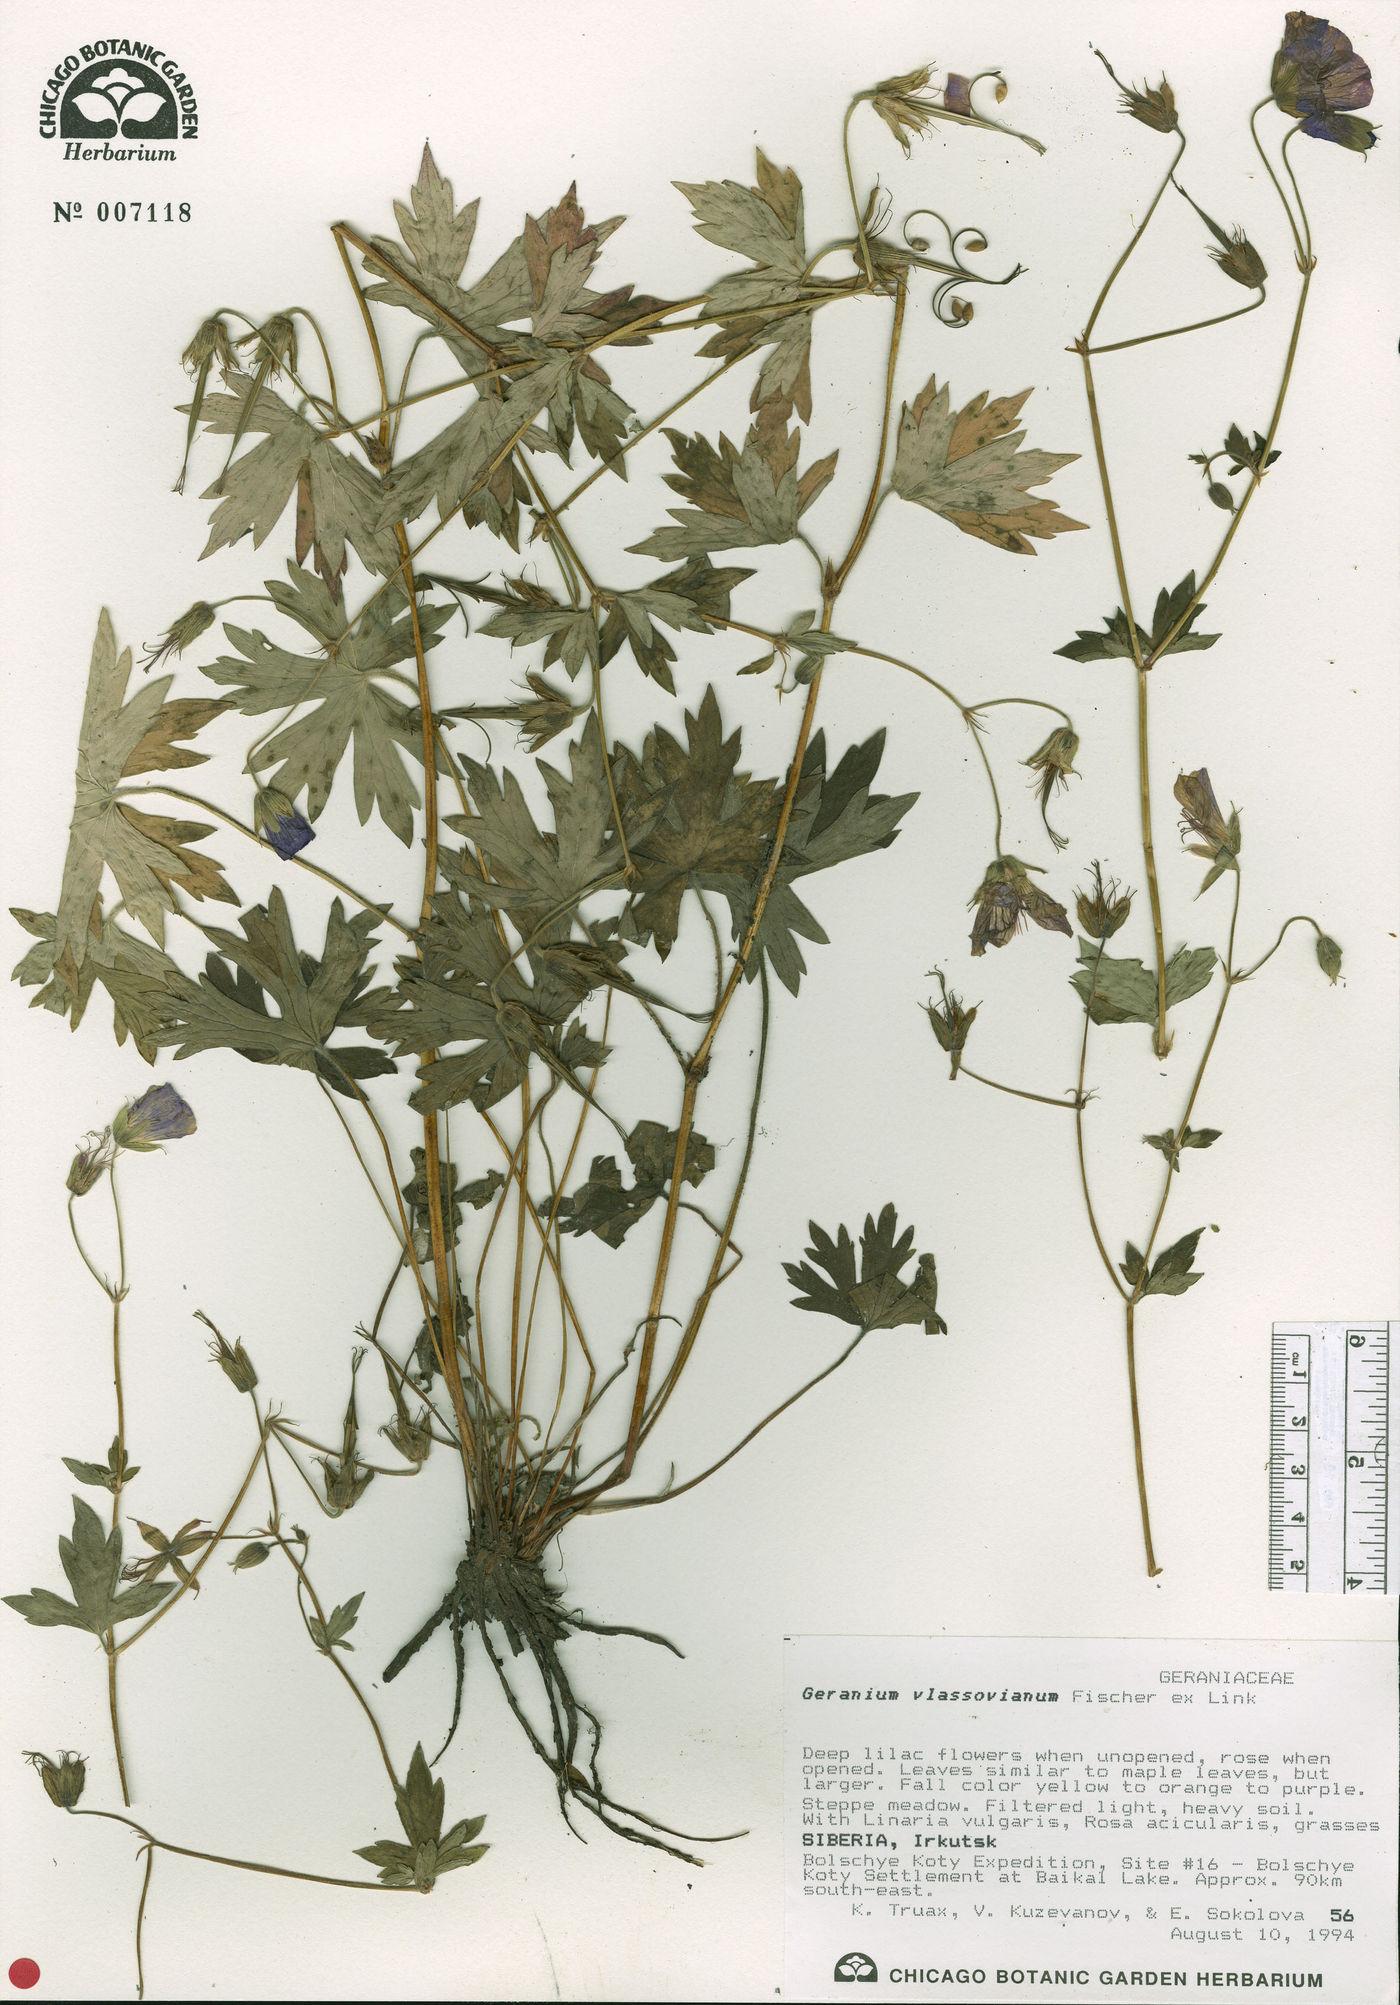 Geranium wlassovianum image